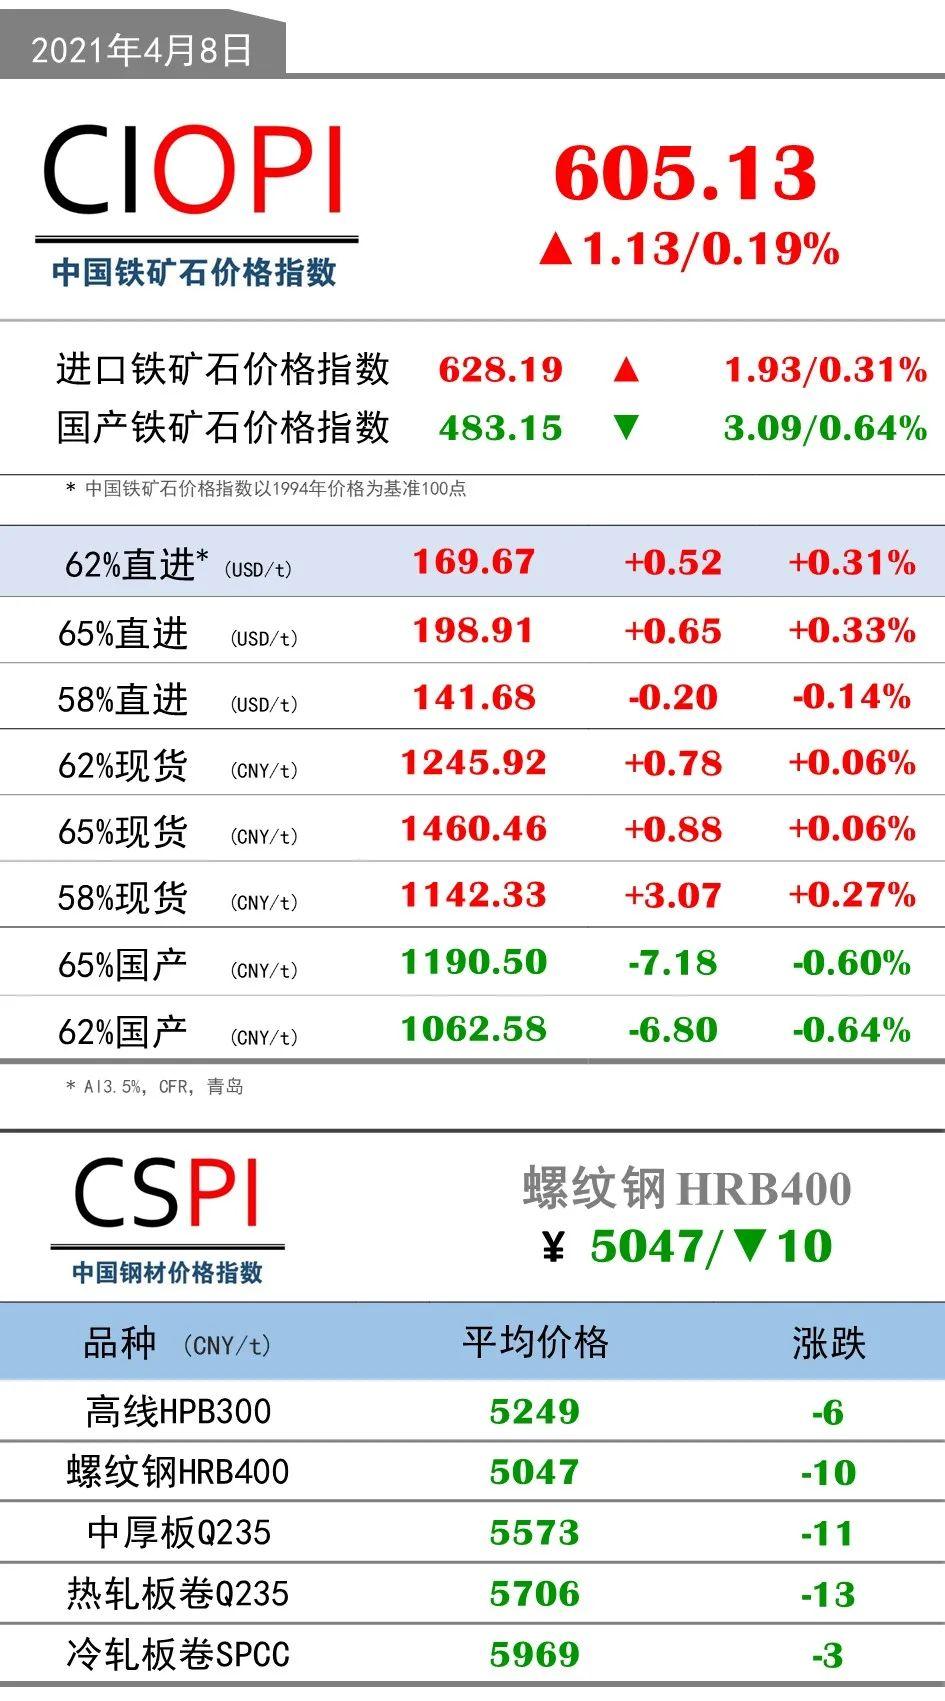 4月8日OPI 62%直进:169.67(+0.52/+0.31%)